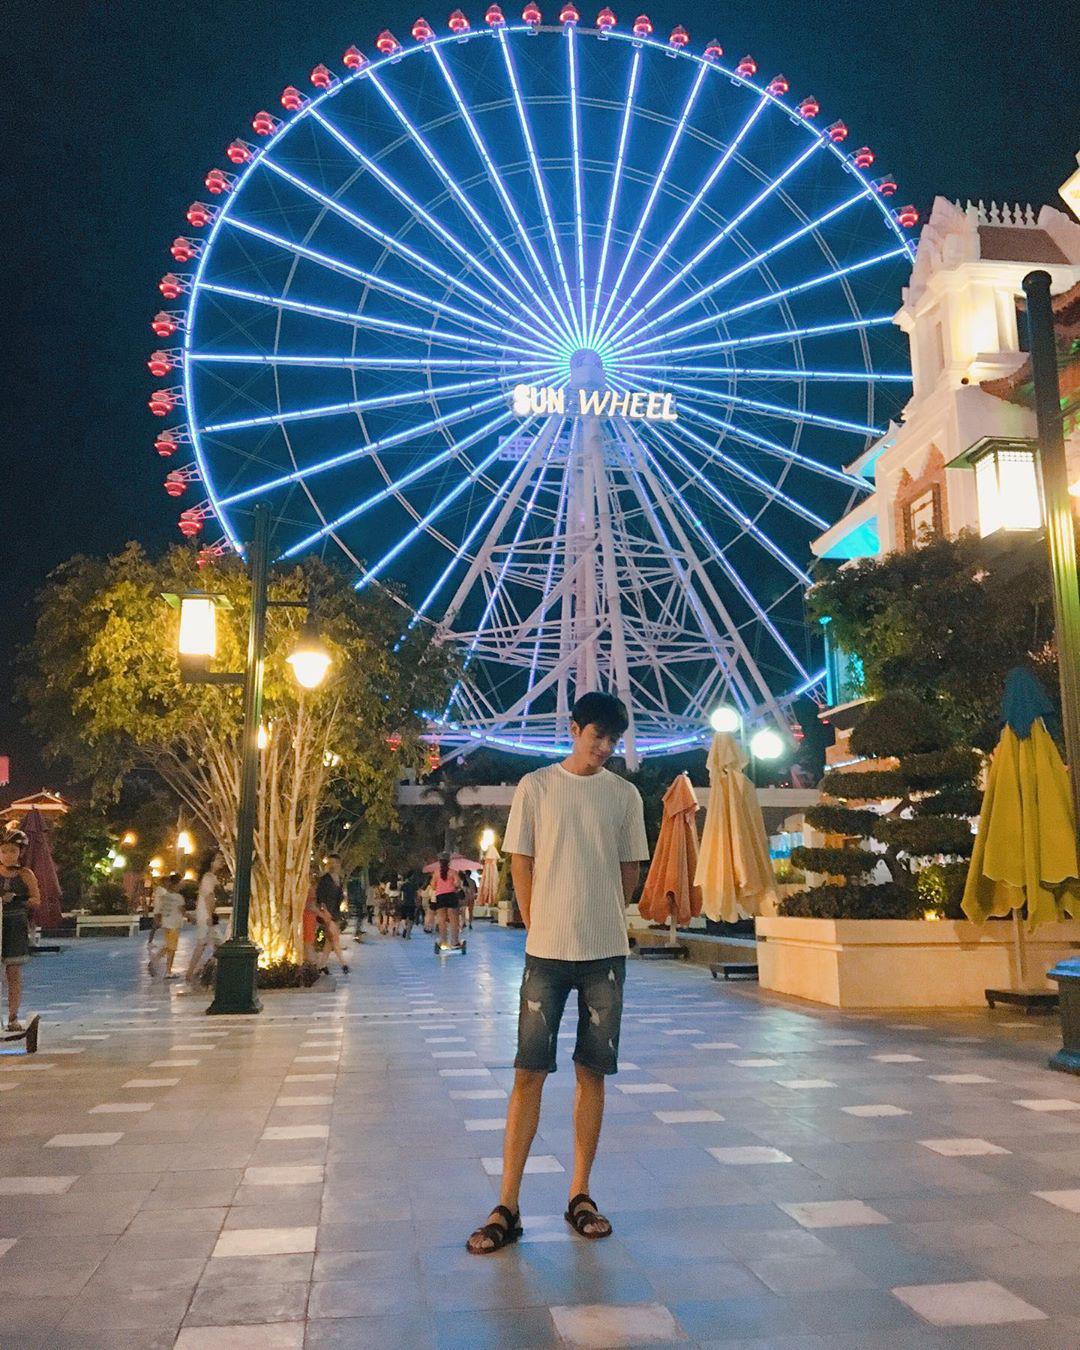 Tour du lịch Tết TP HCM - Đà Nẵng 3 ngày 2 đêm - Ảnh 7.